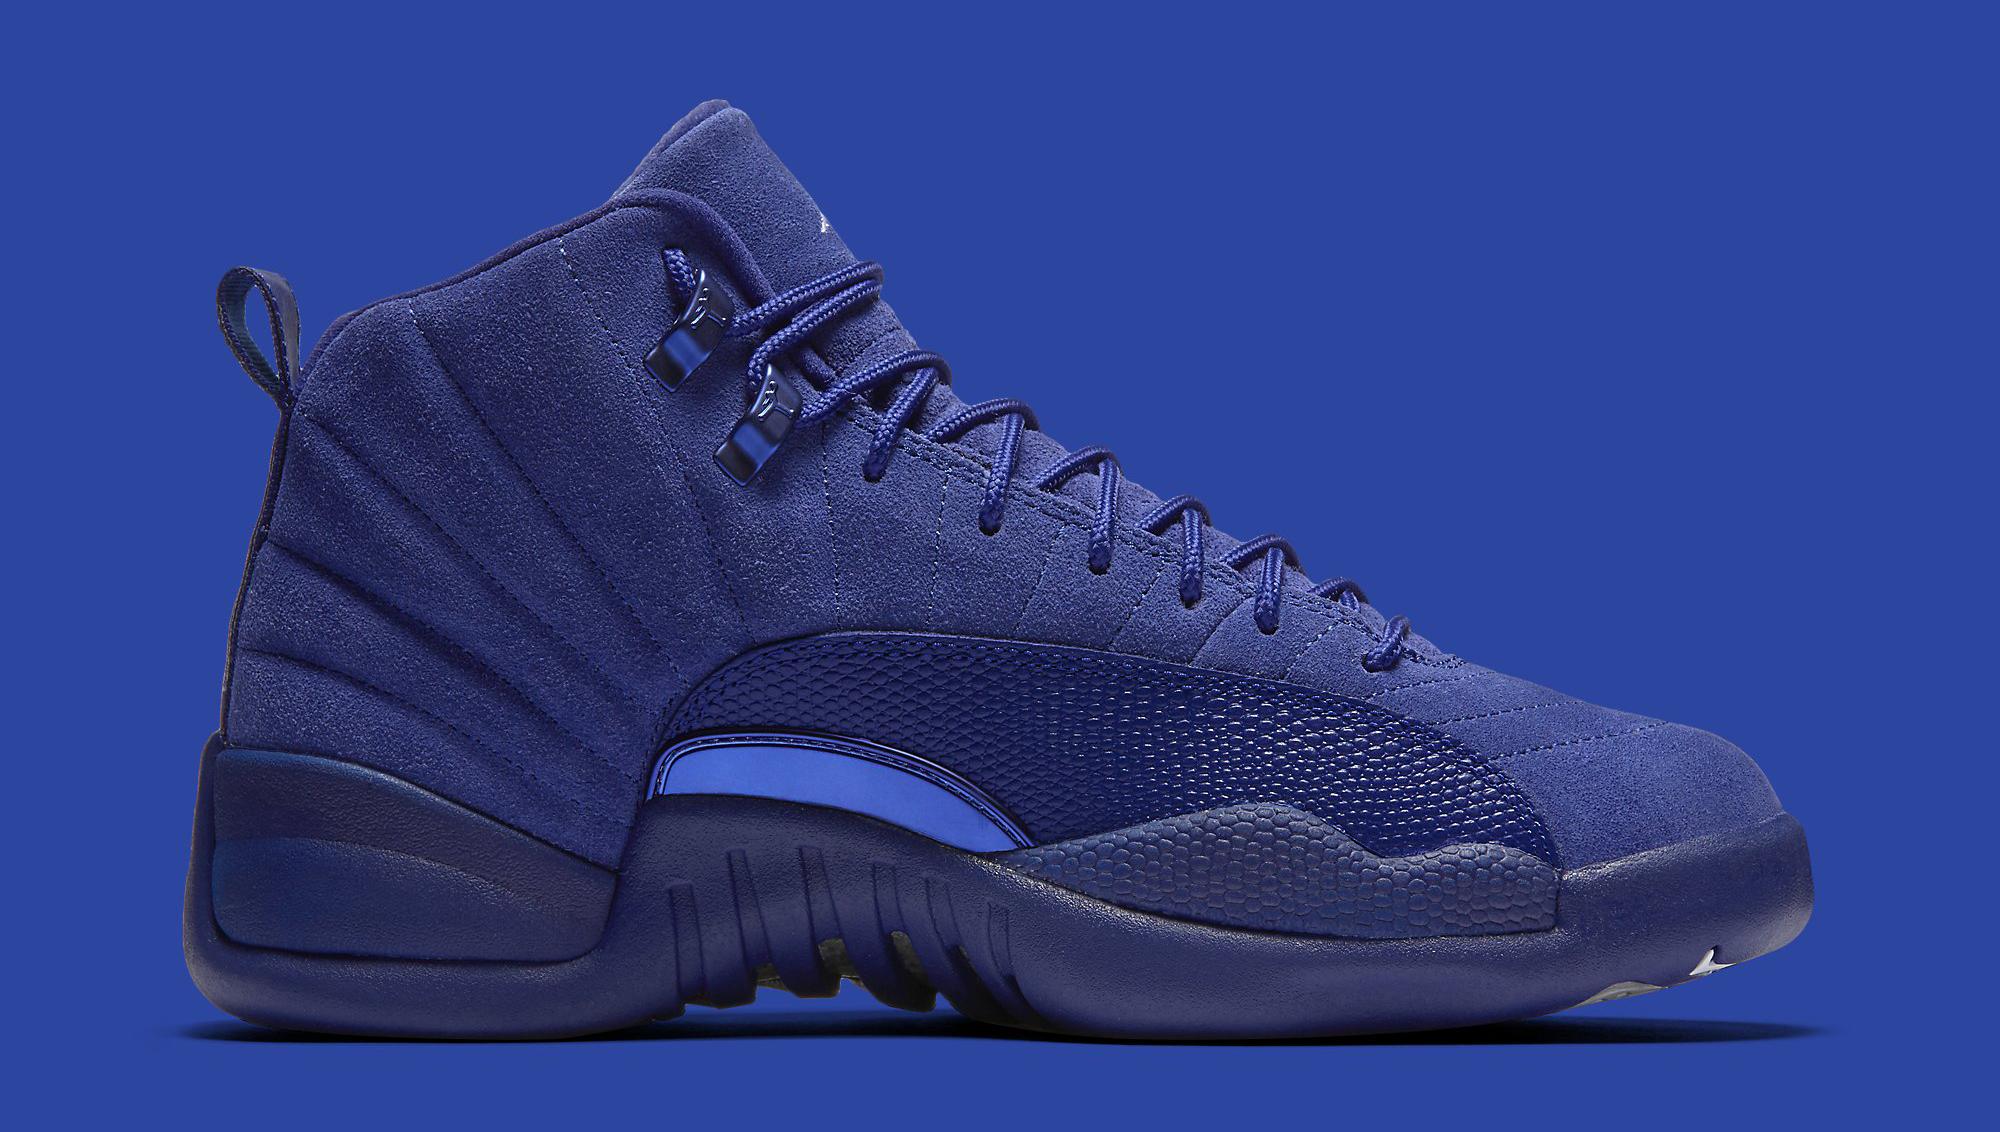 Blue Jordan 12 Medial